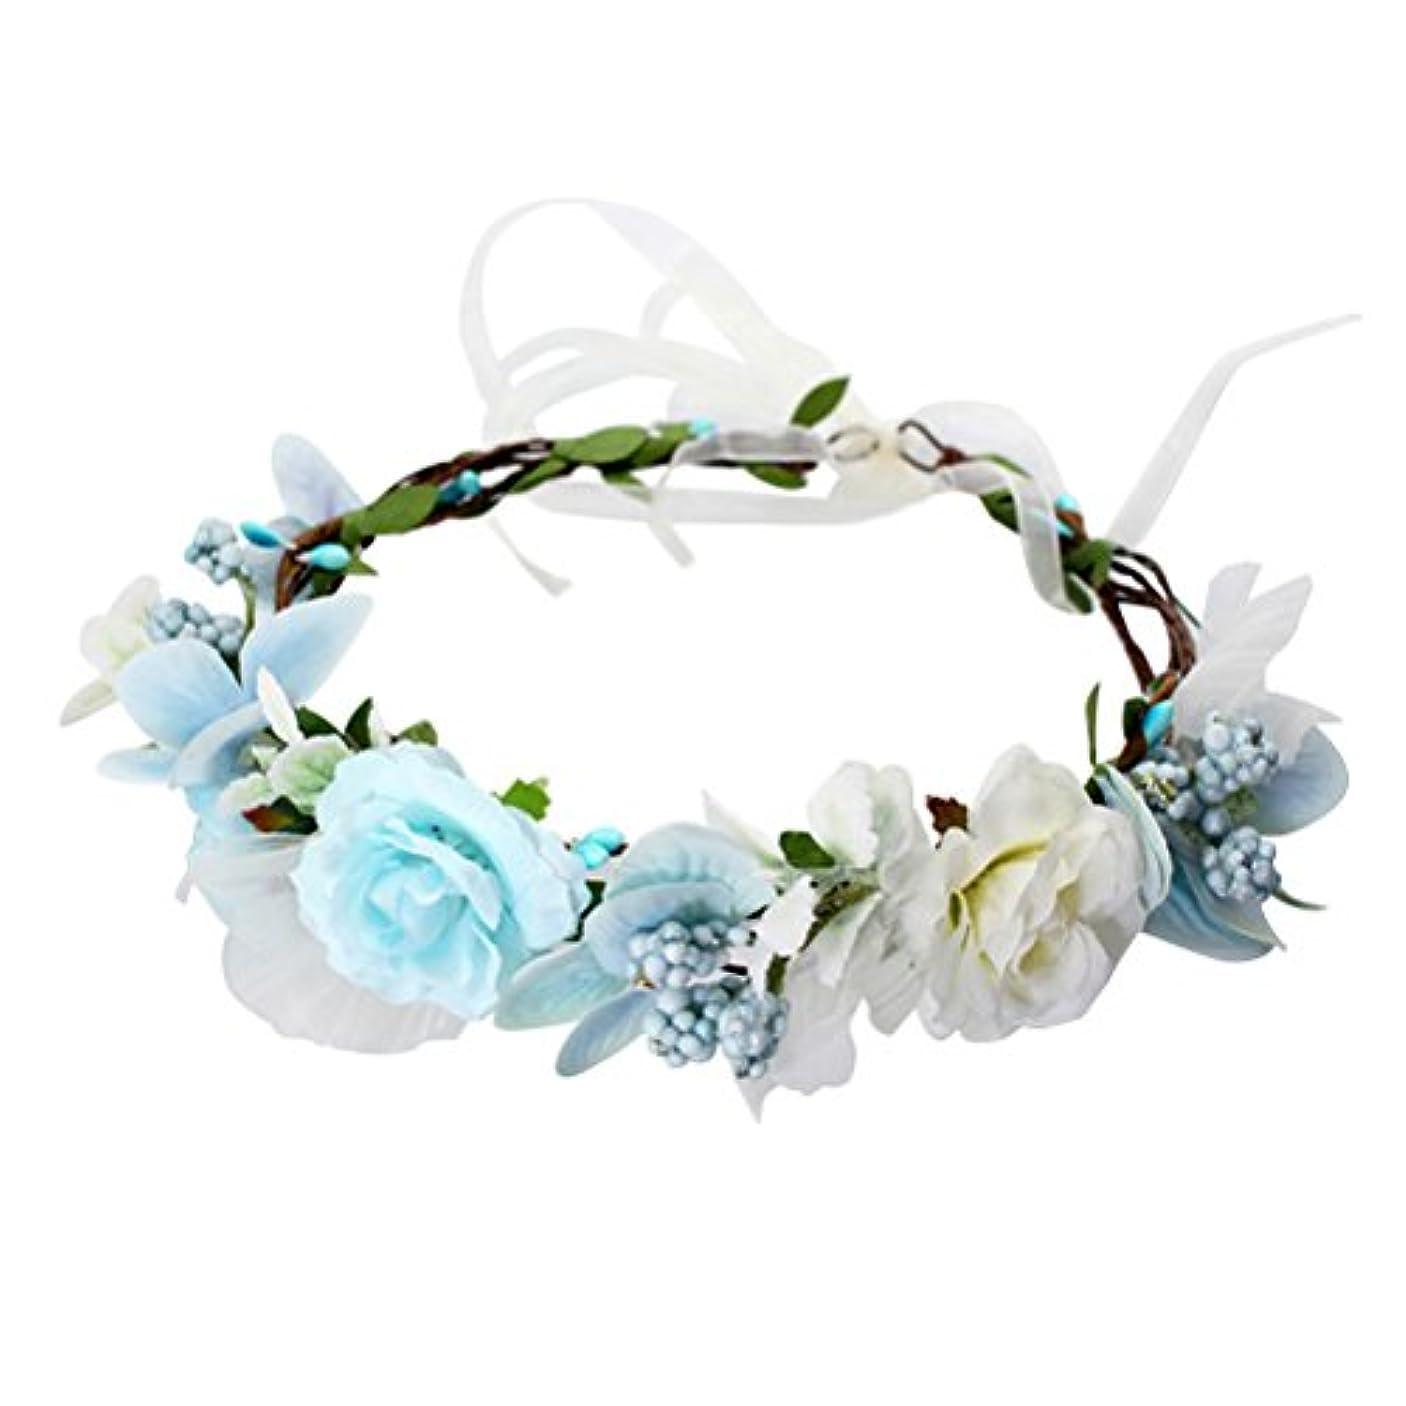 出席する承認する権限を与えるWINOMO 花かんむり 花冠 花飾り ヘアアクセサリー ブライダル ウェディング 結婚式 花嫁 写真 発表会